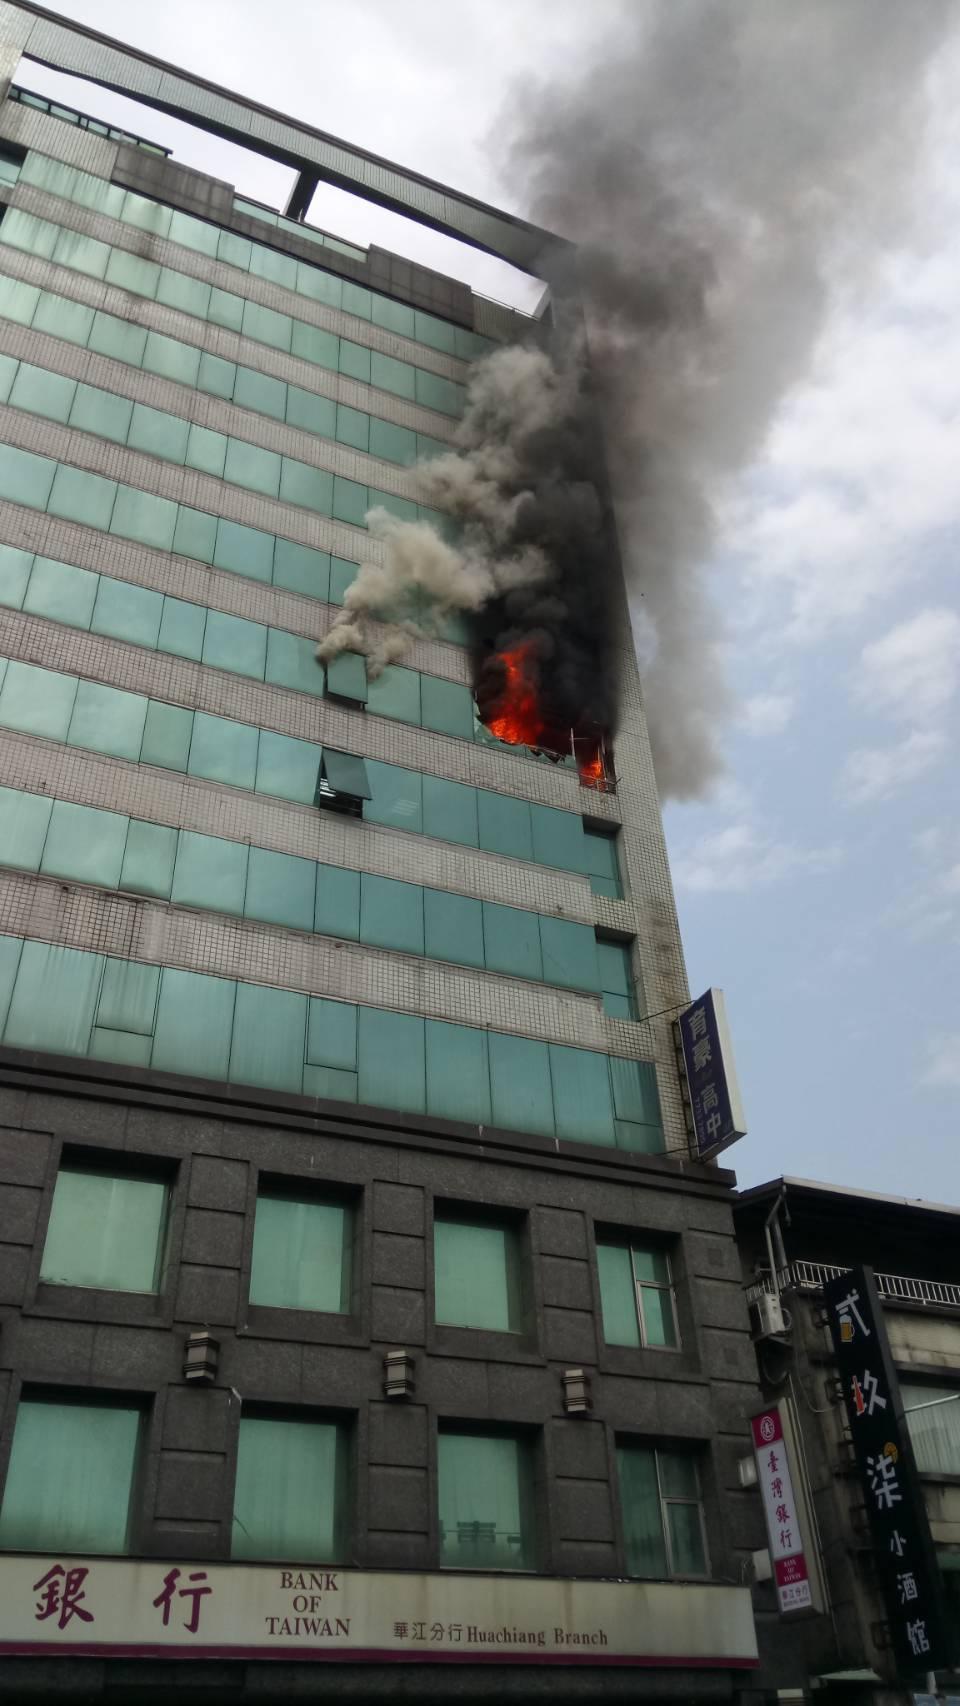 新北市消防局今天上午11時36分獲報,板橋區中山路一段台灣銀行樓上冒出火煙,消防...